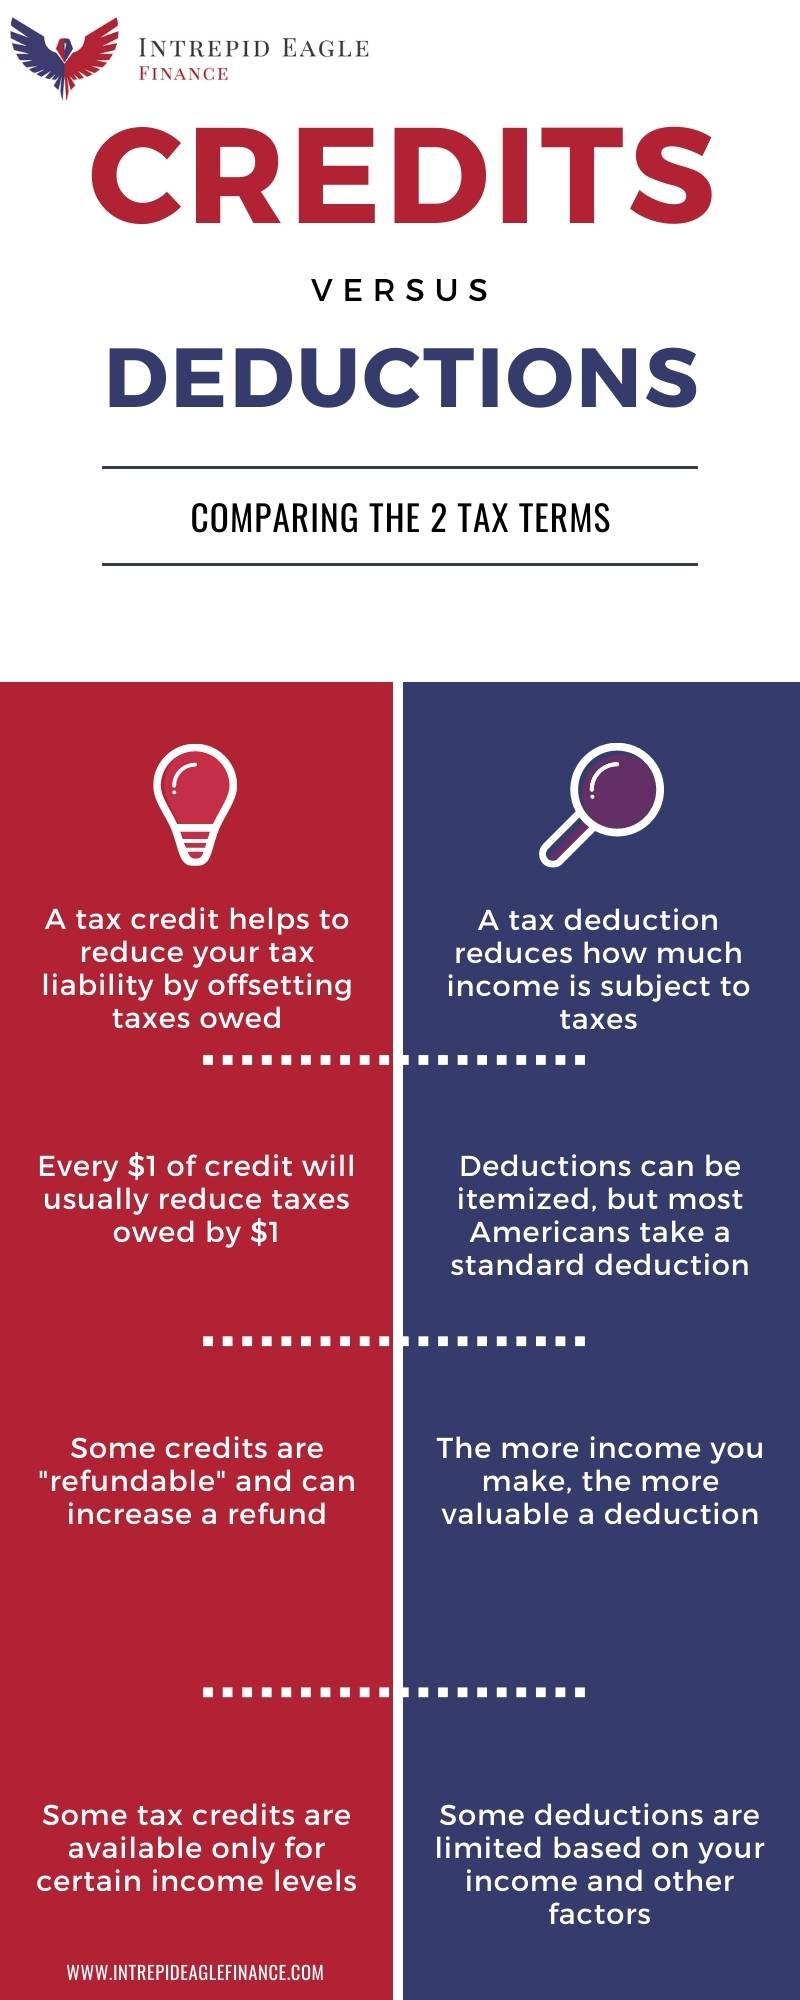 Tax Credits vs Deductions